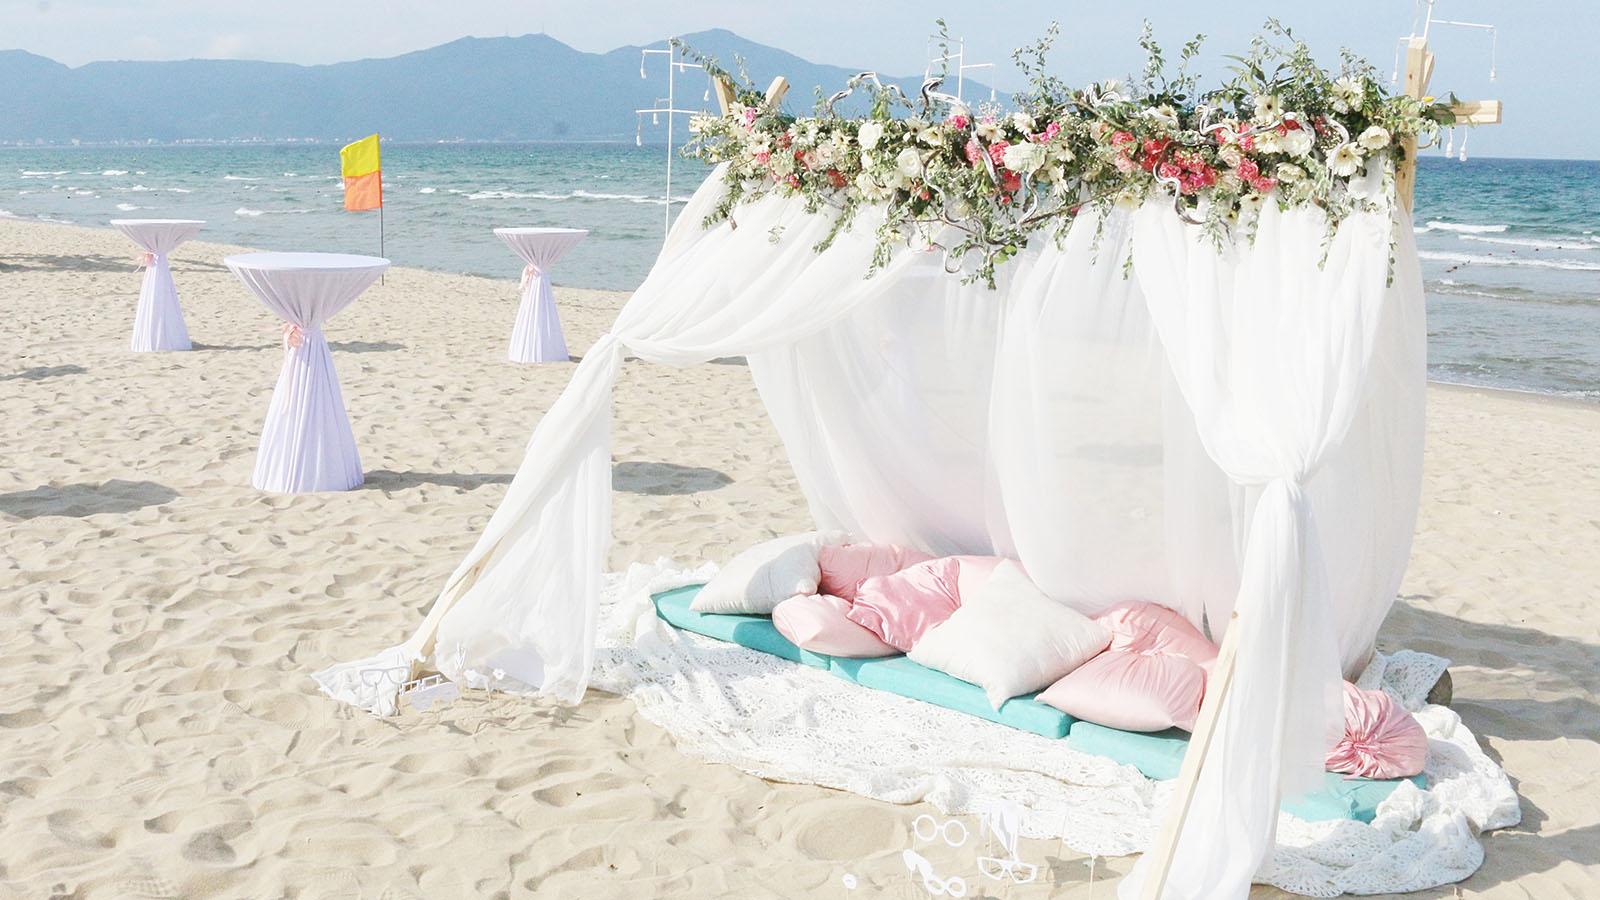 Premier Village Danang Resort Managed By AccorHotels - Nơi tổ chức đám cưới xa hoa bậc nhất Việt Nam 3